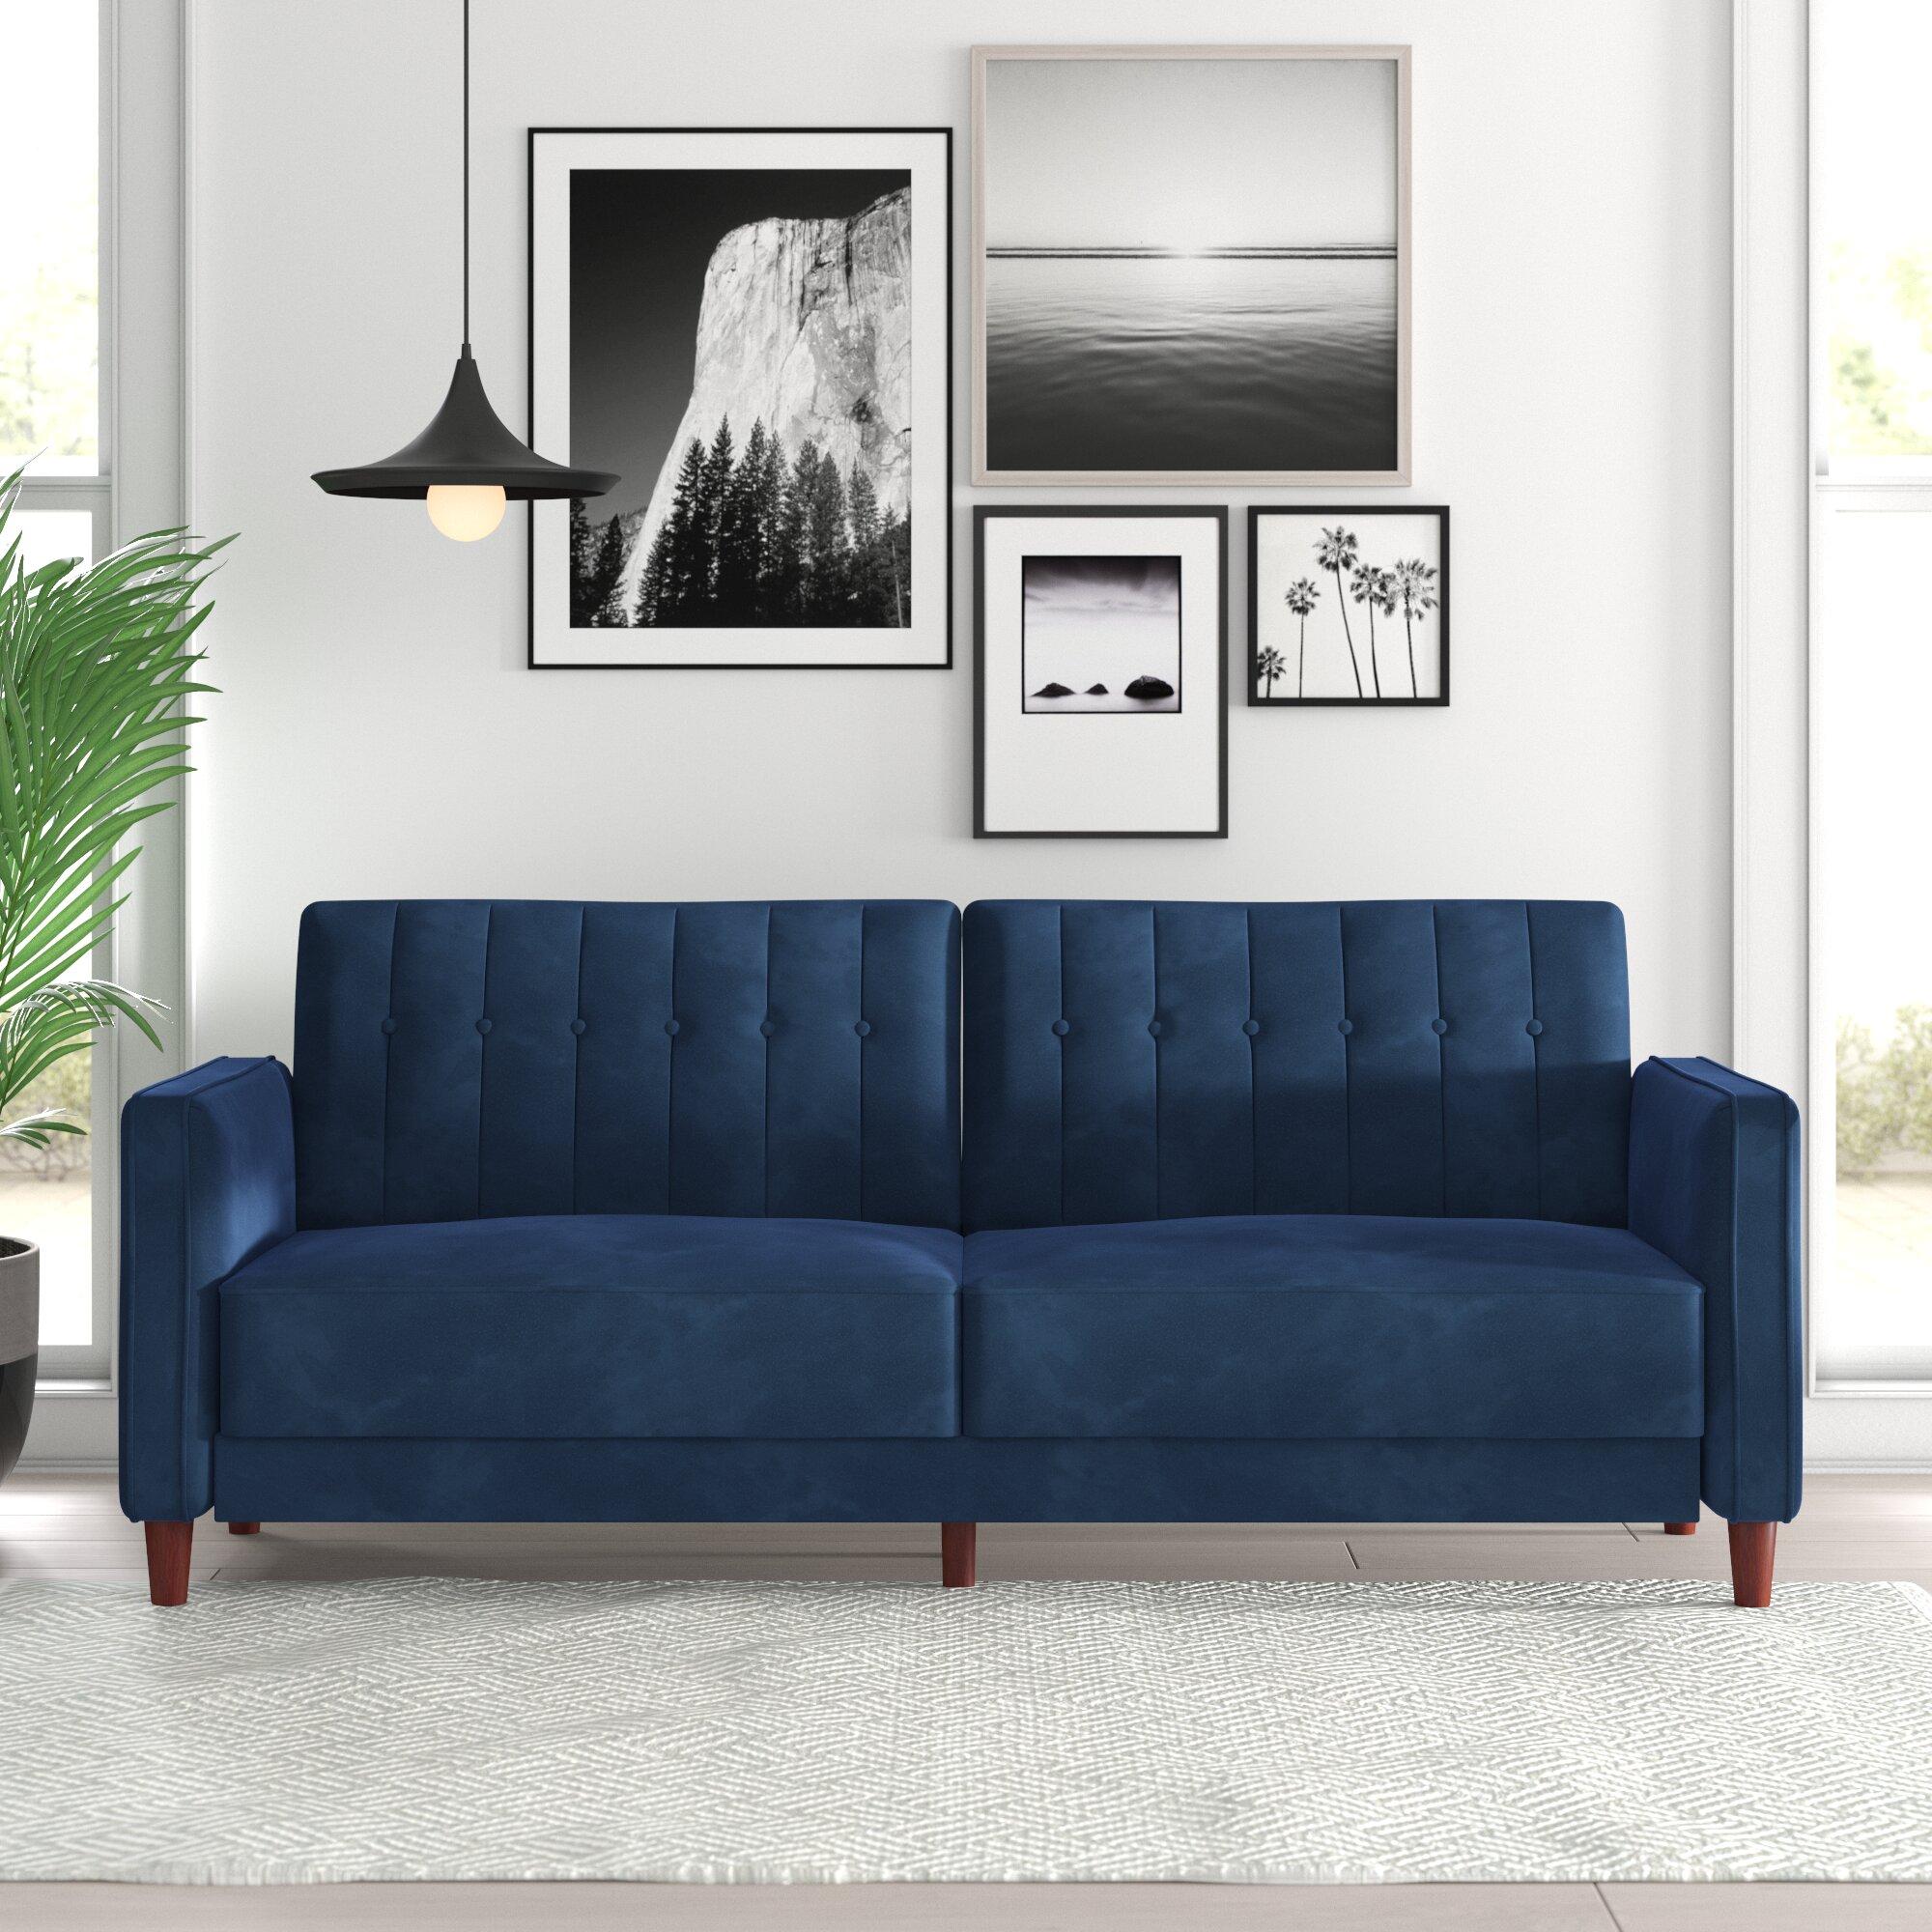 Wallace Convertible Sofa Reviews